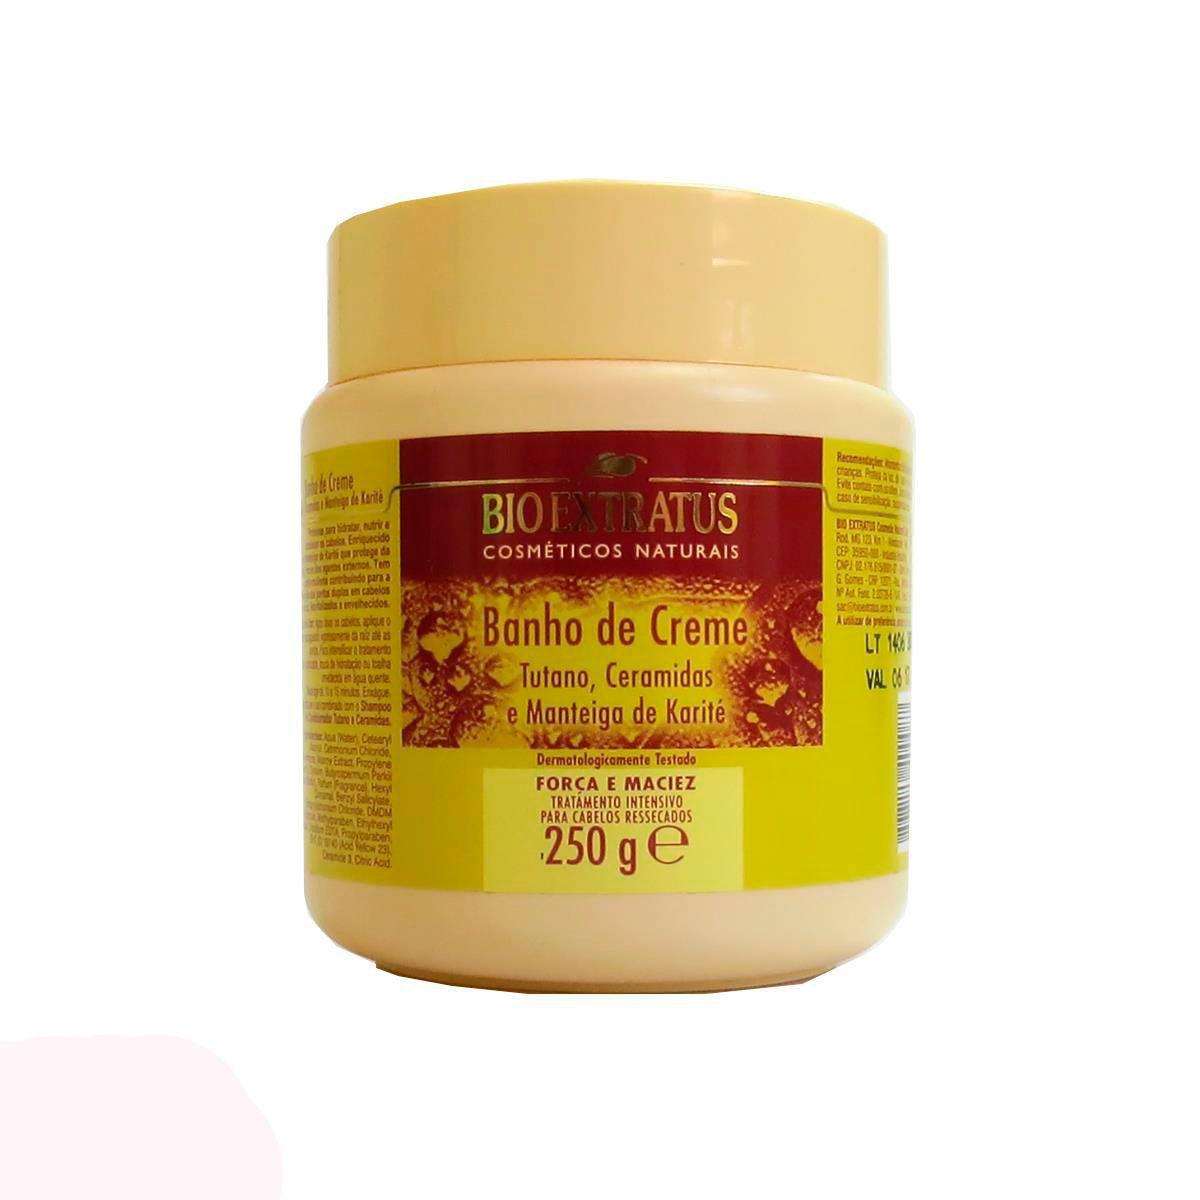 Banho de Creme Tutano e Ceramidas - 250g -Bio Extratus